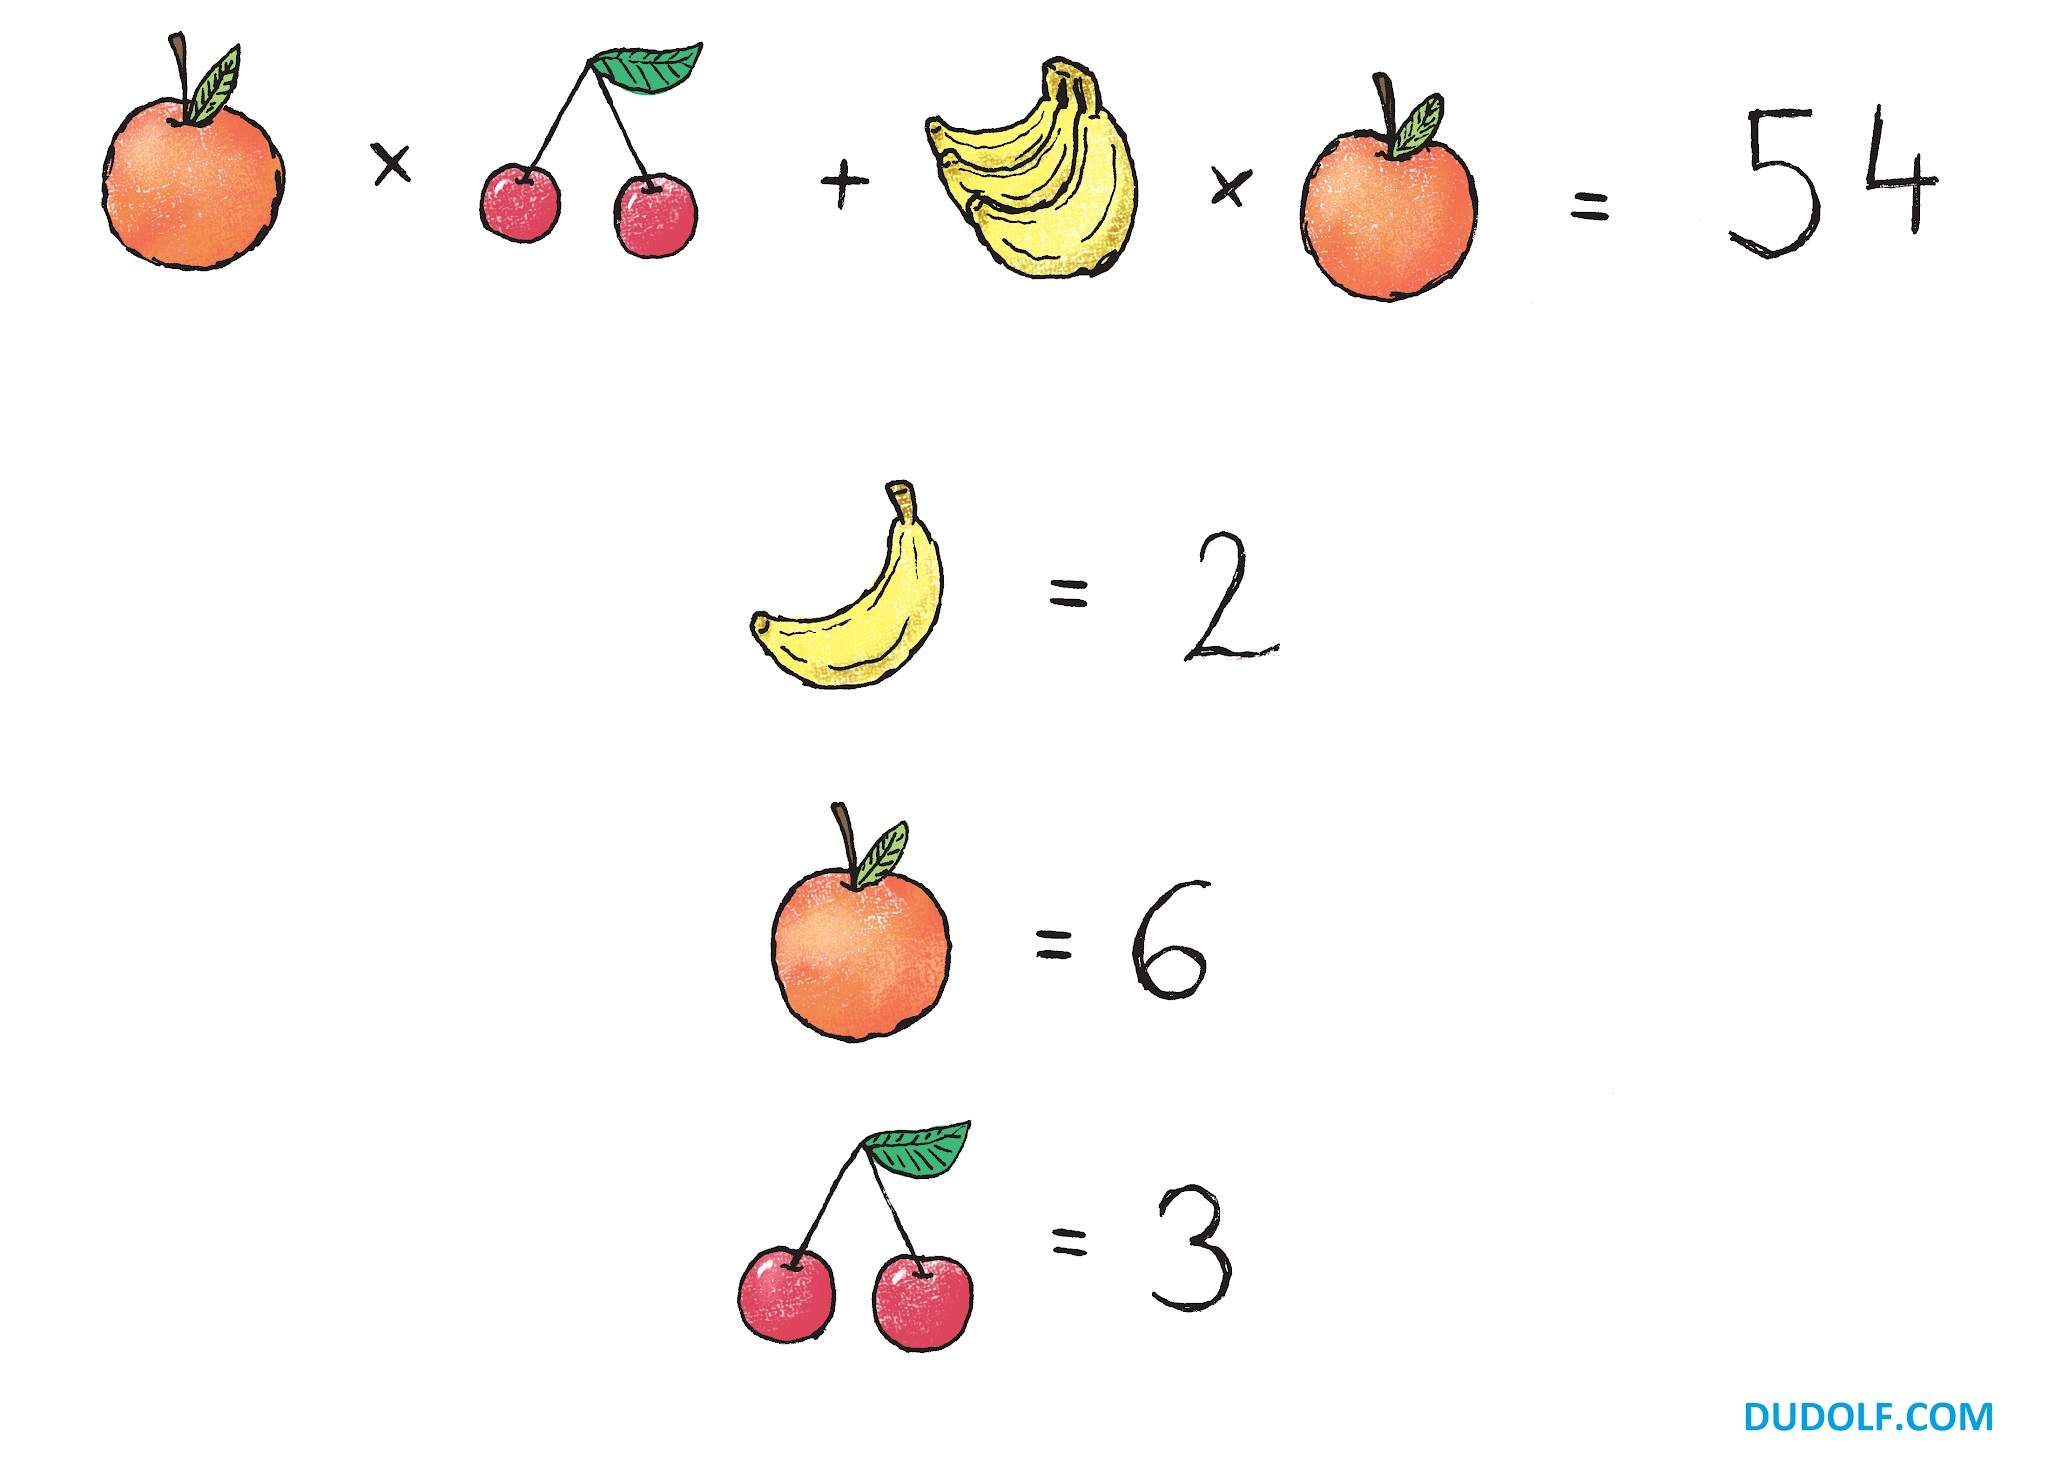 Головоломка тижня: чи зможете ви розв'язати дитячу задачу з фруктами